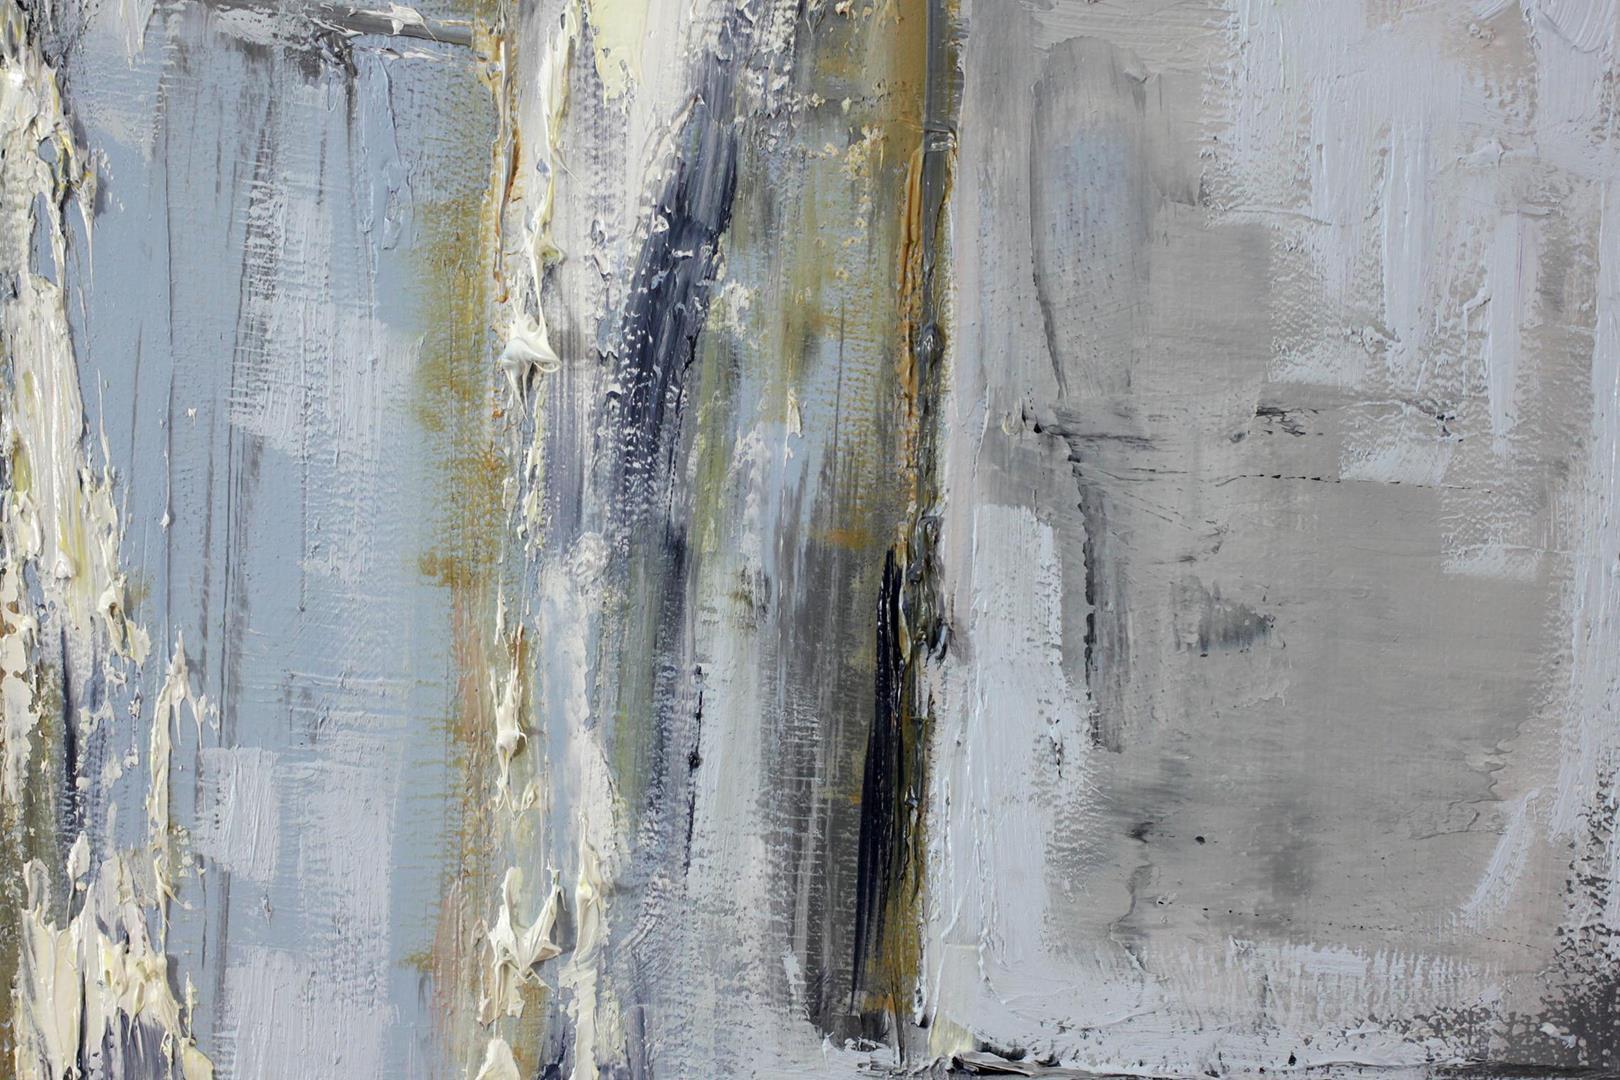 Abstrakcja z wodospadem